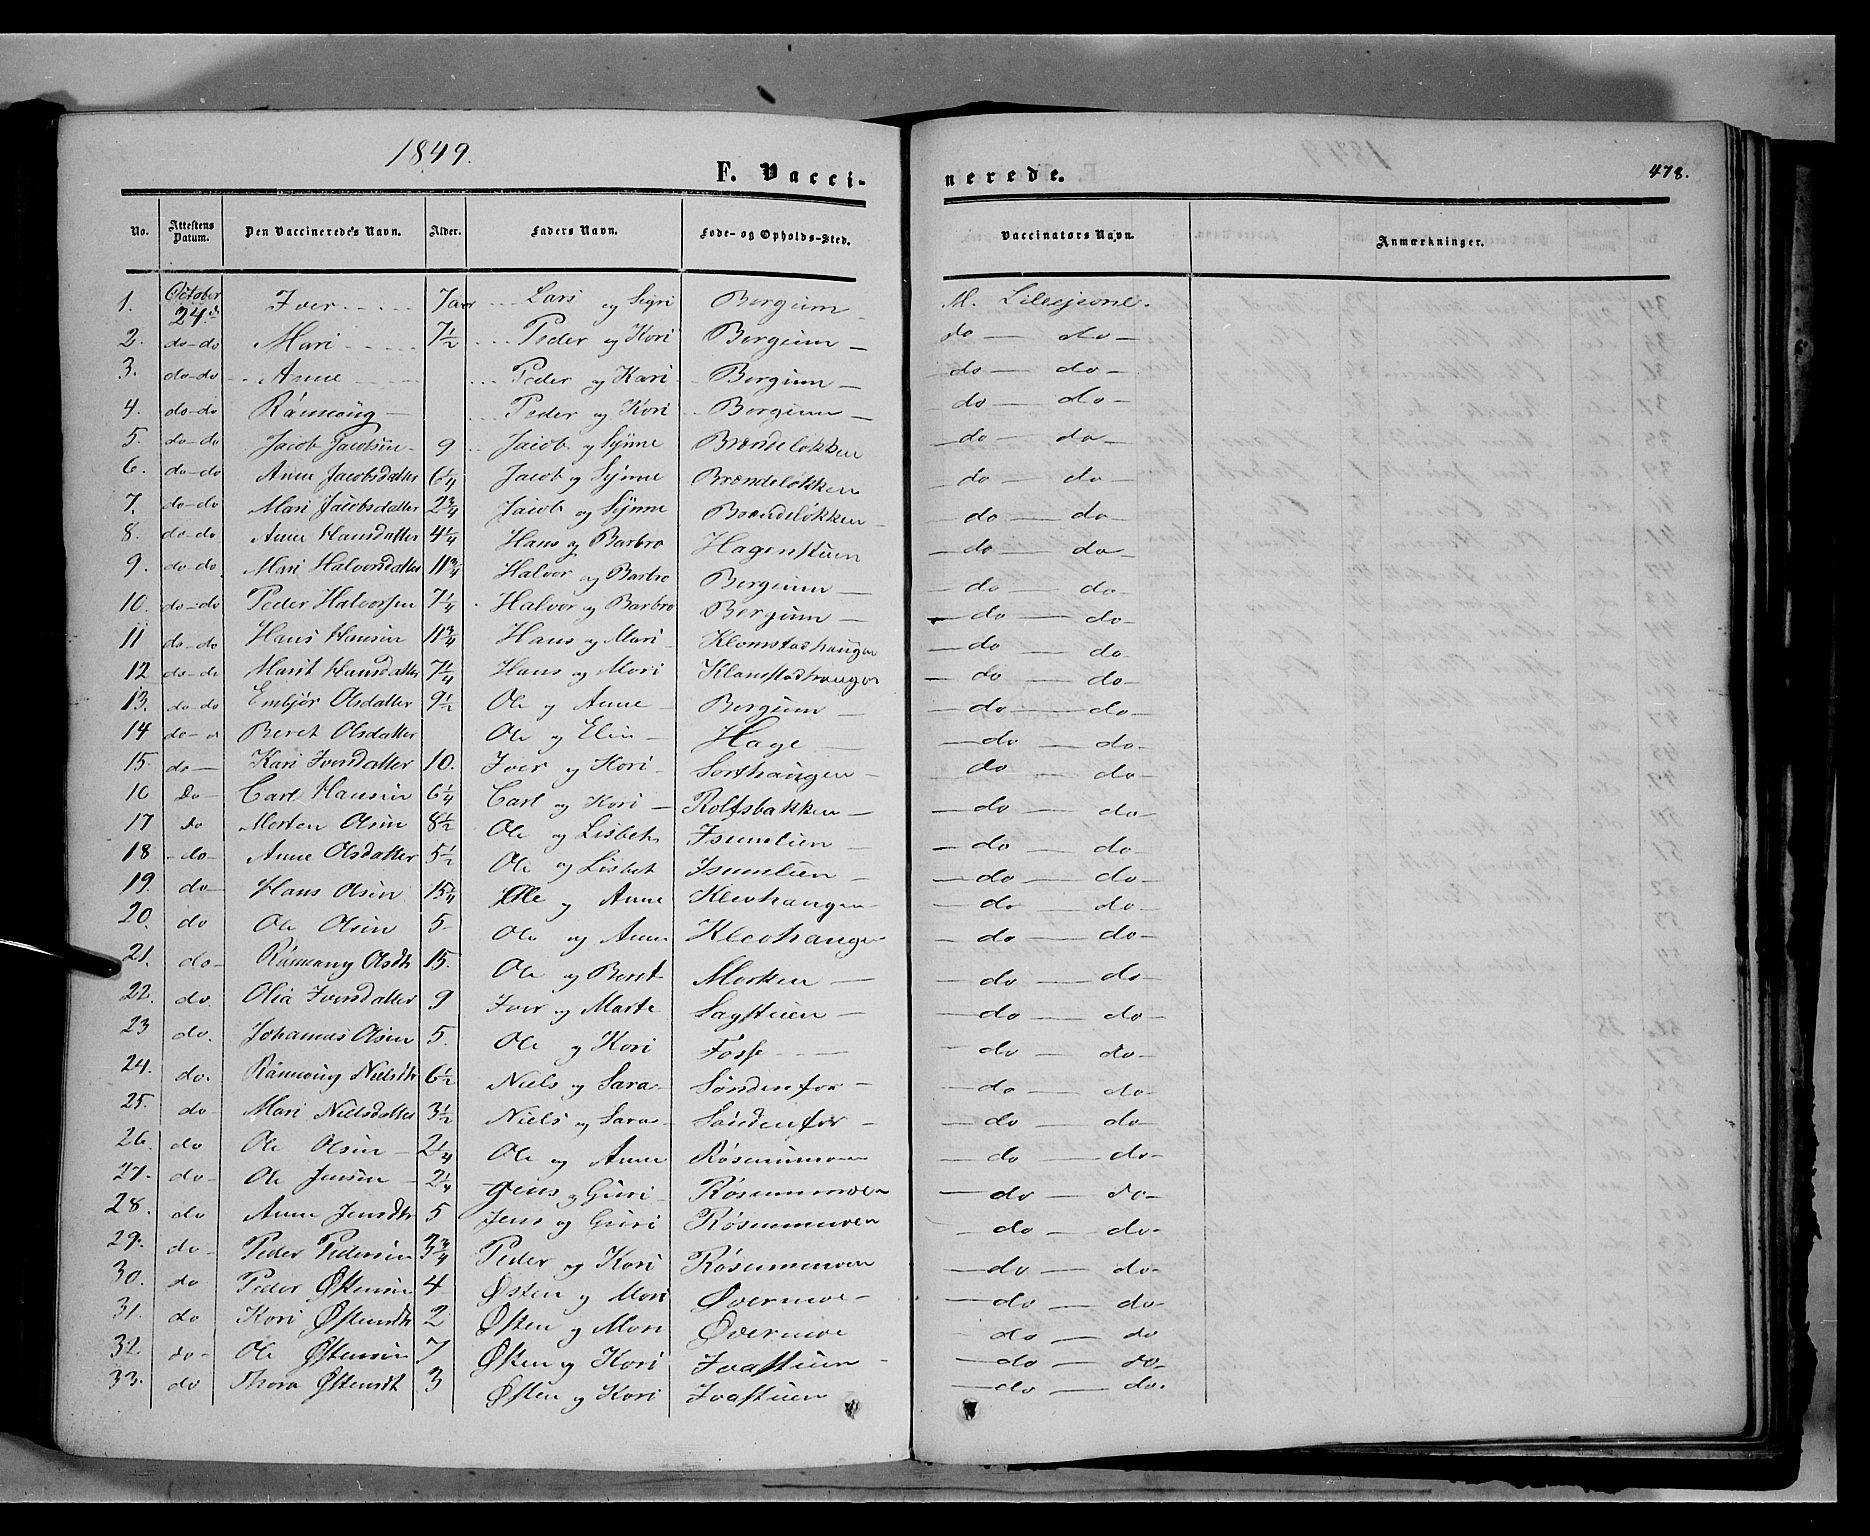 SAH, Sør-Fron prestekontor, H/Ha/Haa/L0001: Ministerialbok nr. 1, 1849-1863, s. 478